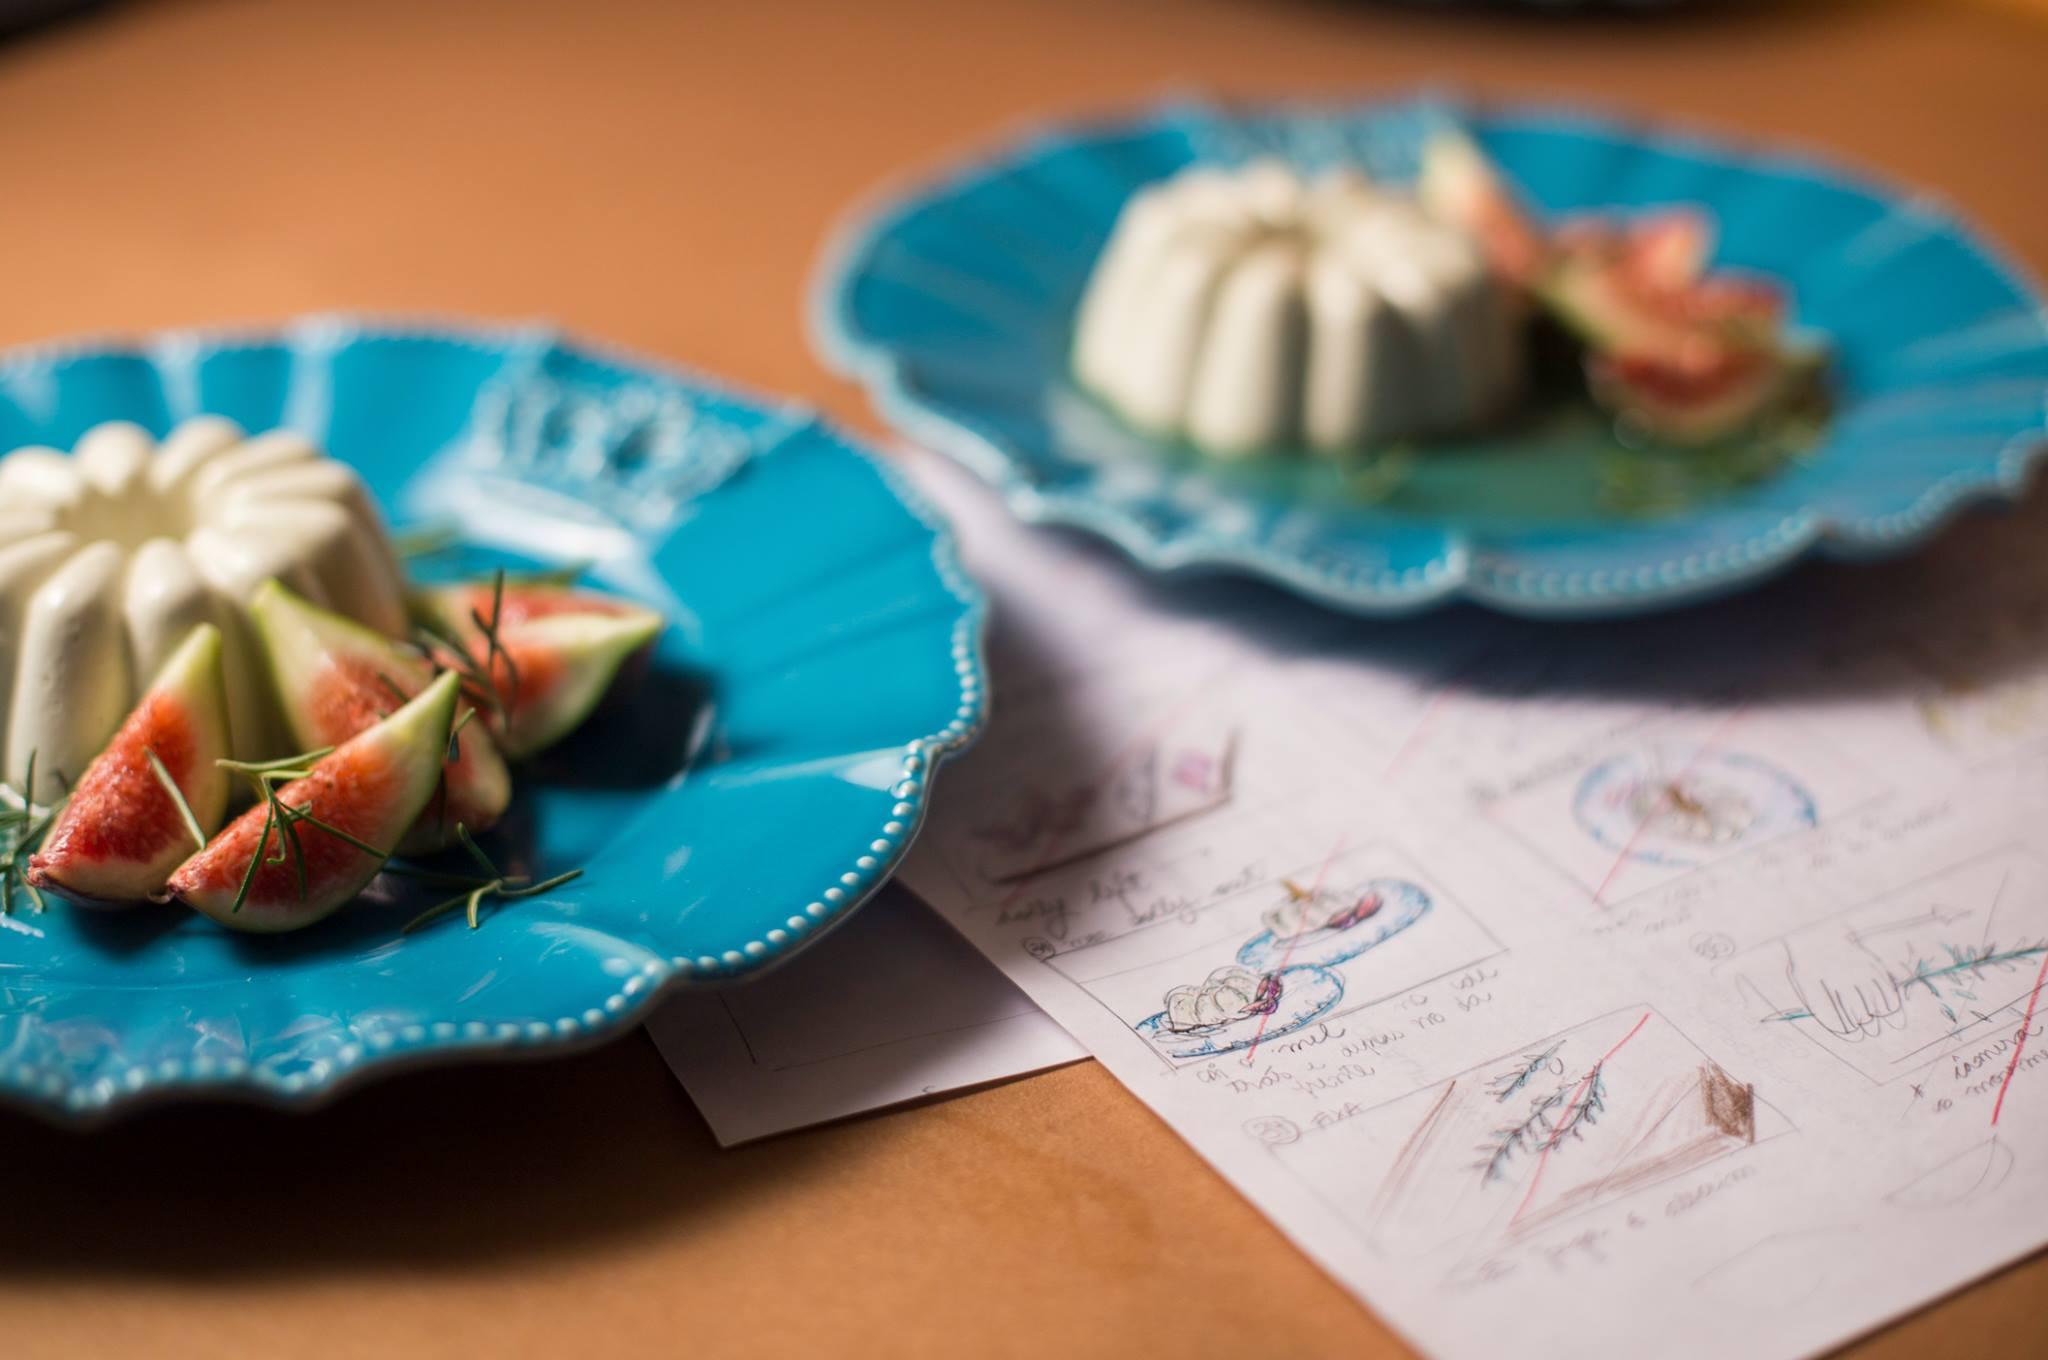 Mousse de Gorgonzola com figos e mel,receita e foodstyling da chef Ana Claudia Spengler, e storyboard usado no set. Uma das receitas que captamos o passo a passo para veiculação na e-Paraná.